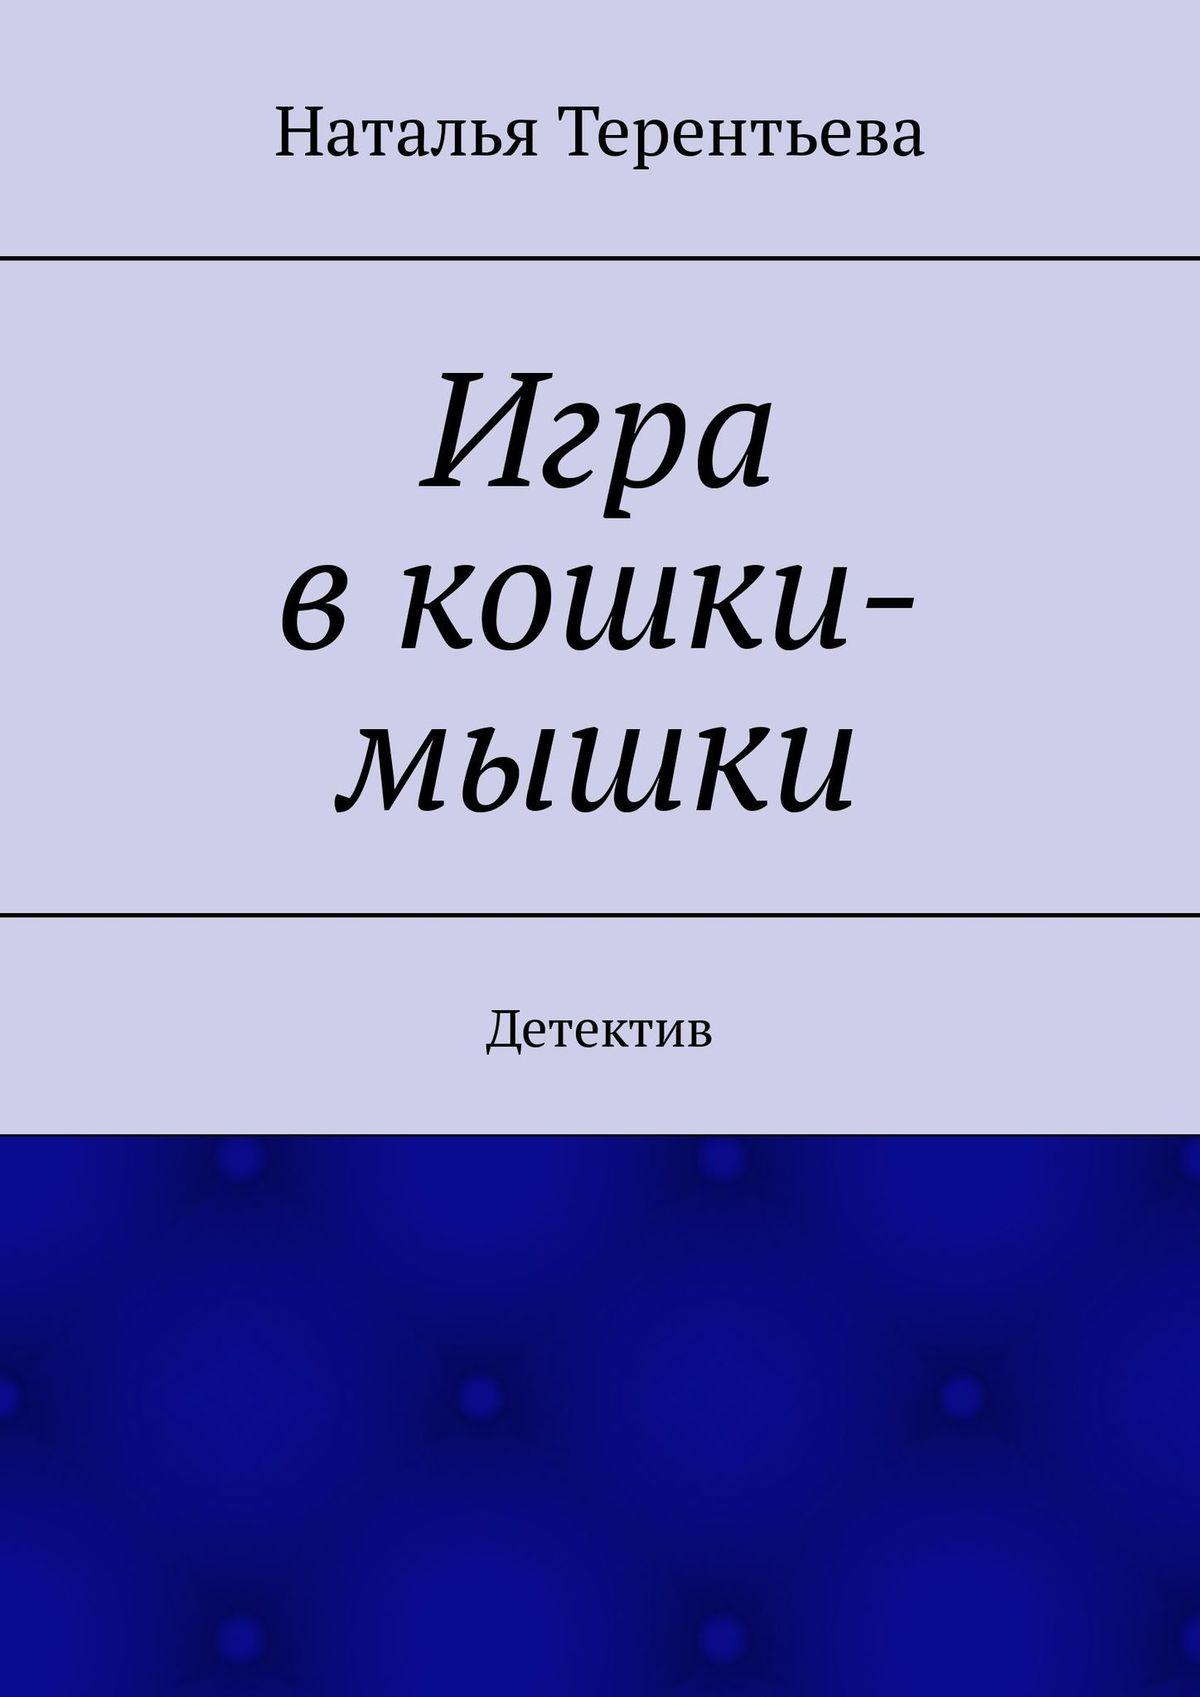 Наталья Терентьева Игра вкошки-мышки. Детектив цена 2017